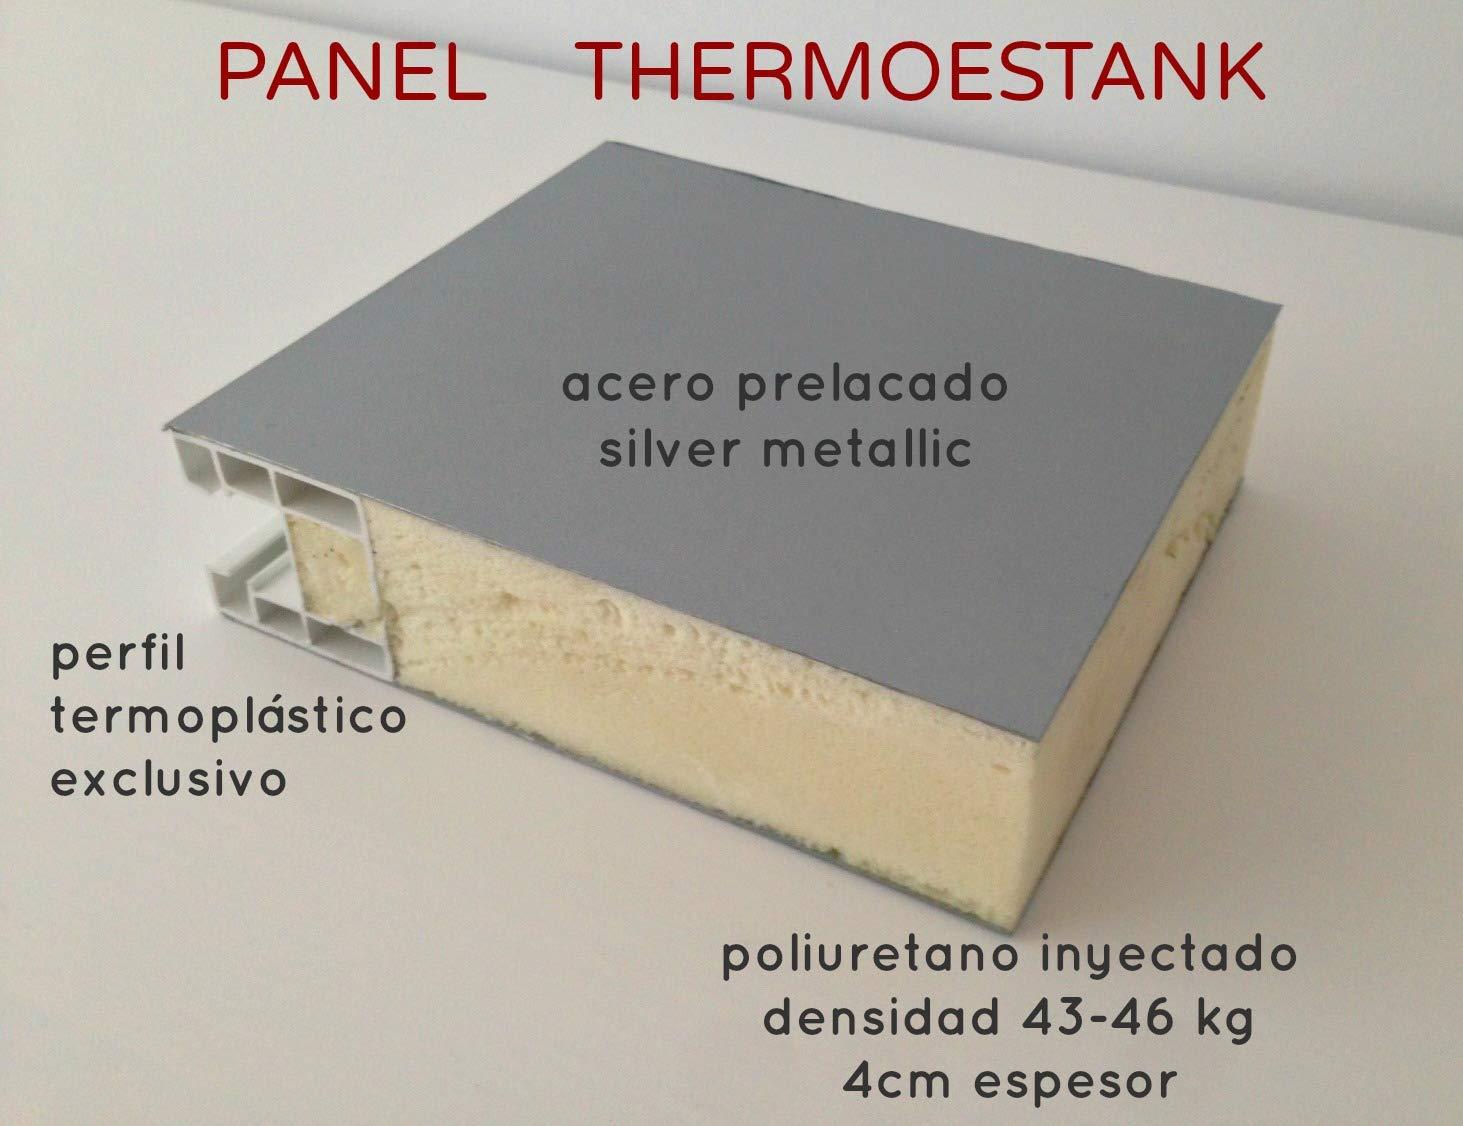 Armario metálico Exterior con Aislamiento térmico Color Gris Metalizado diseño Moderno con Cerradura y estanco 1.98 x 0.72 MTS: Amazon.es: Jardín